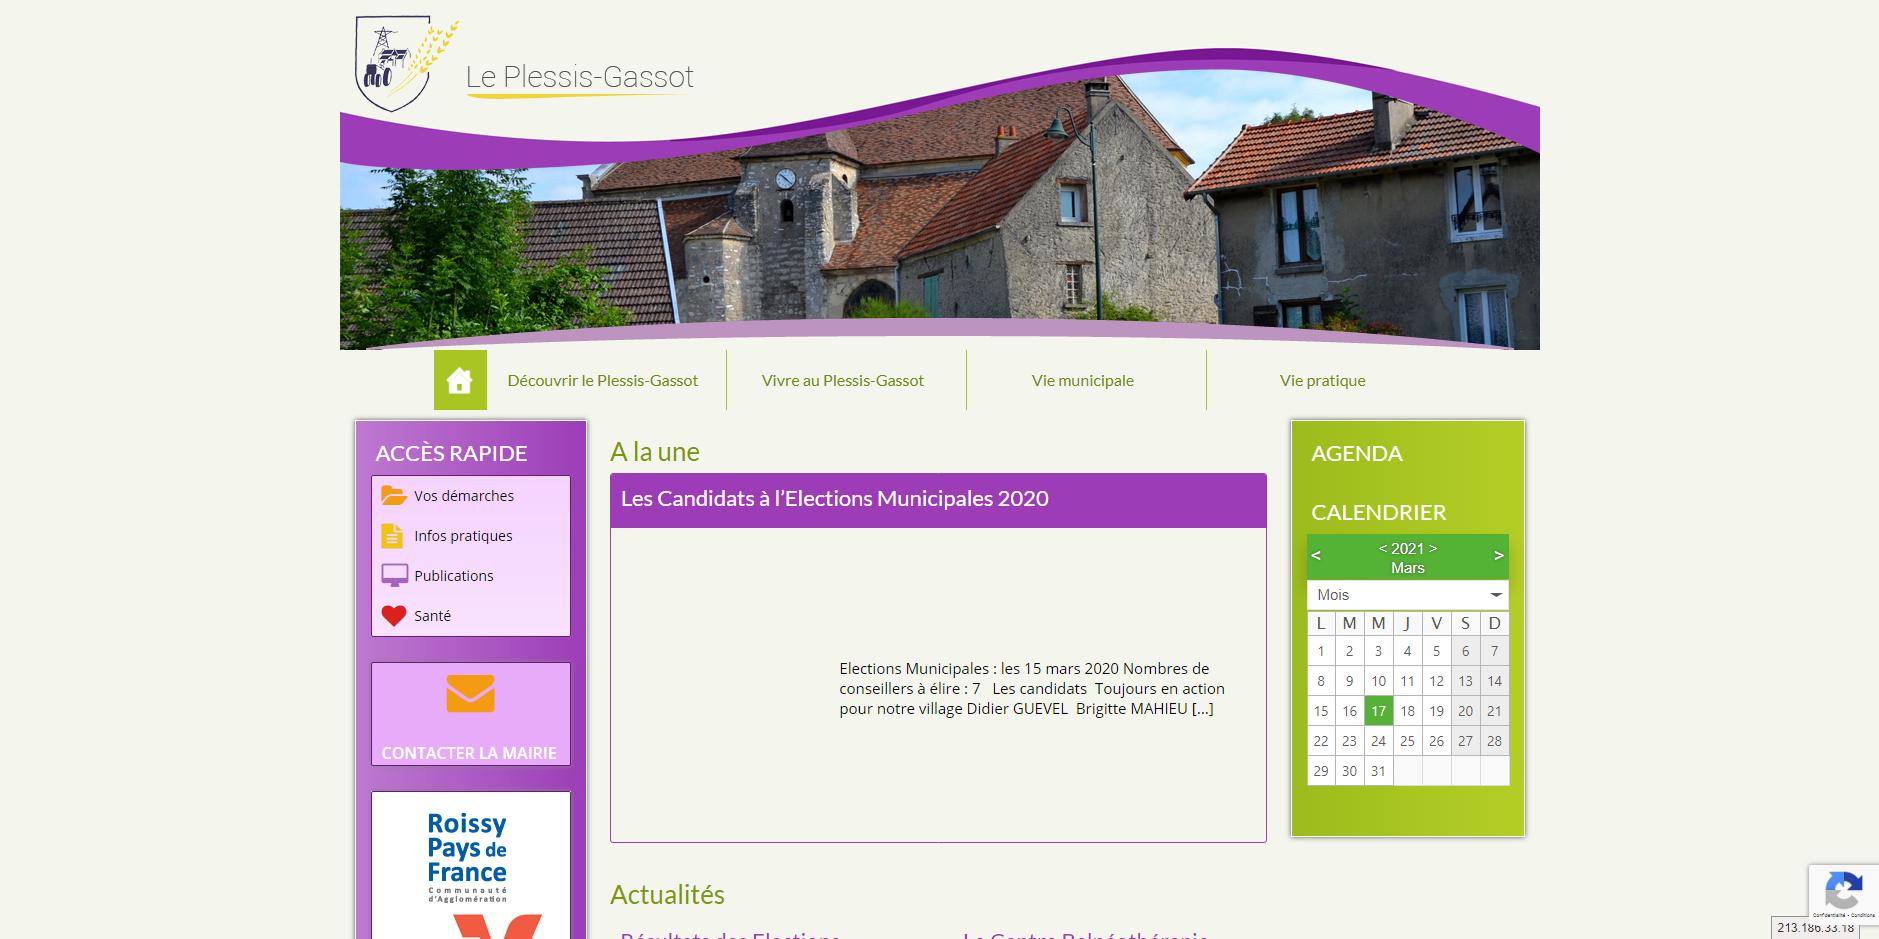 site de Le Plessis-Gassot